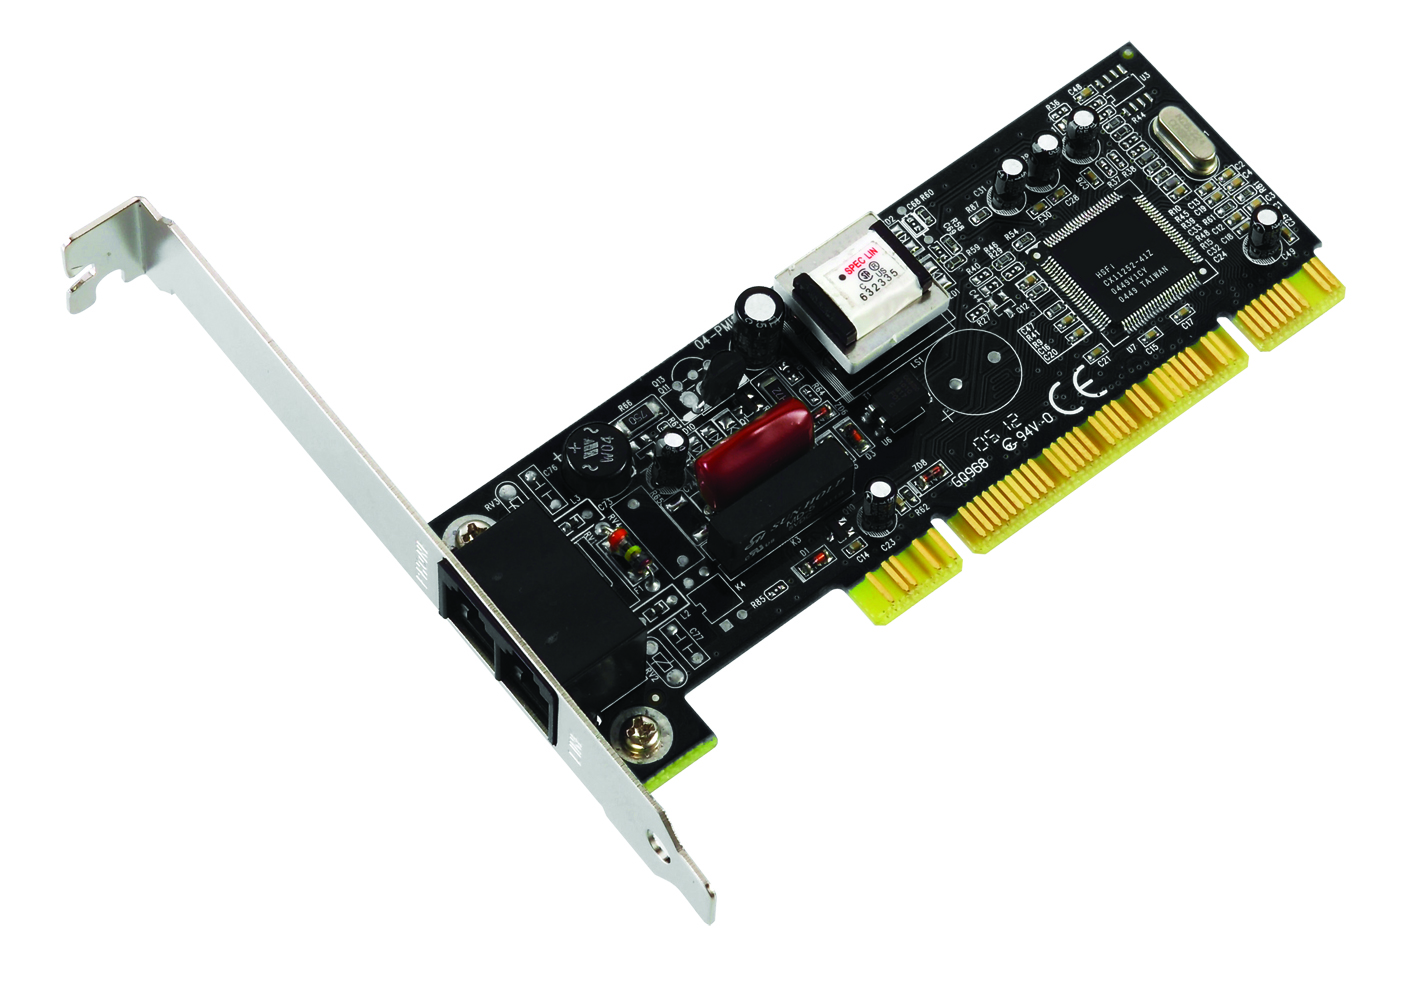 Conexant CX11252-41z Modem Driver